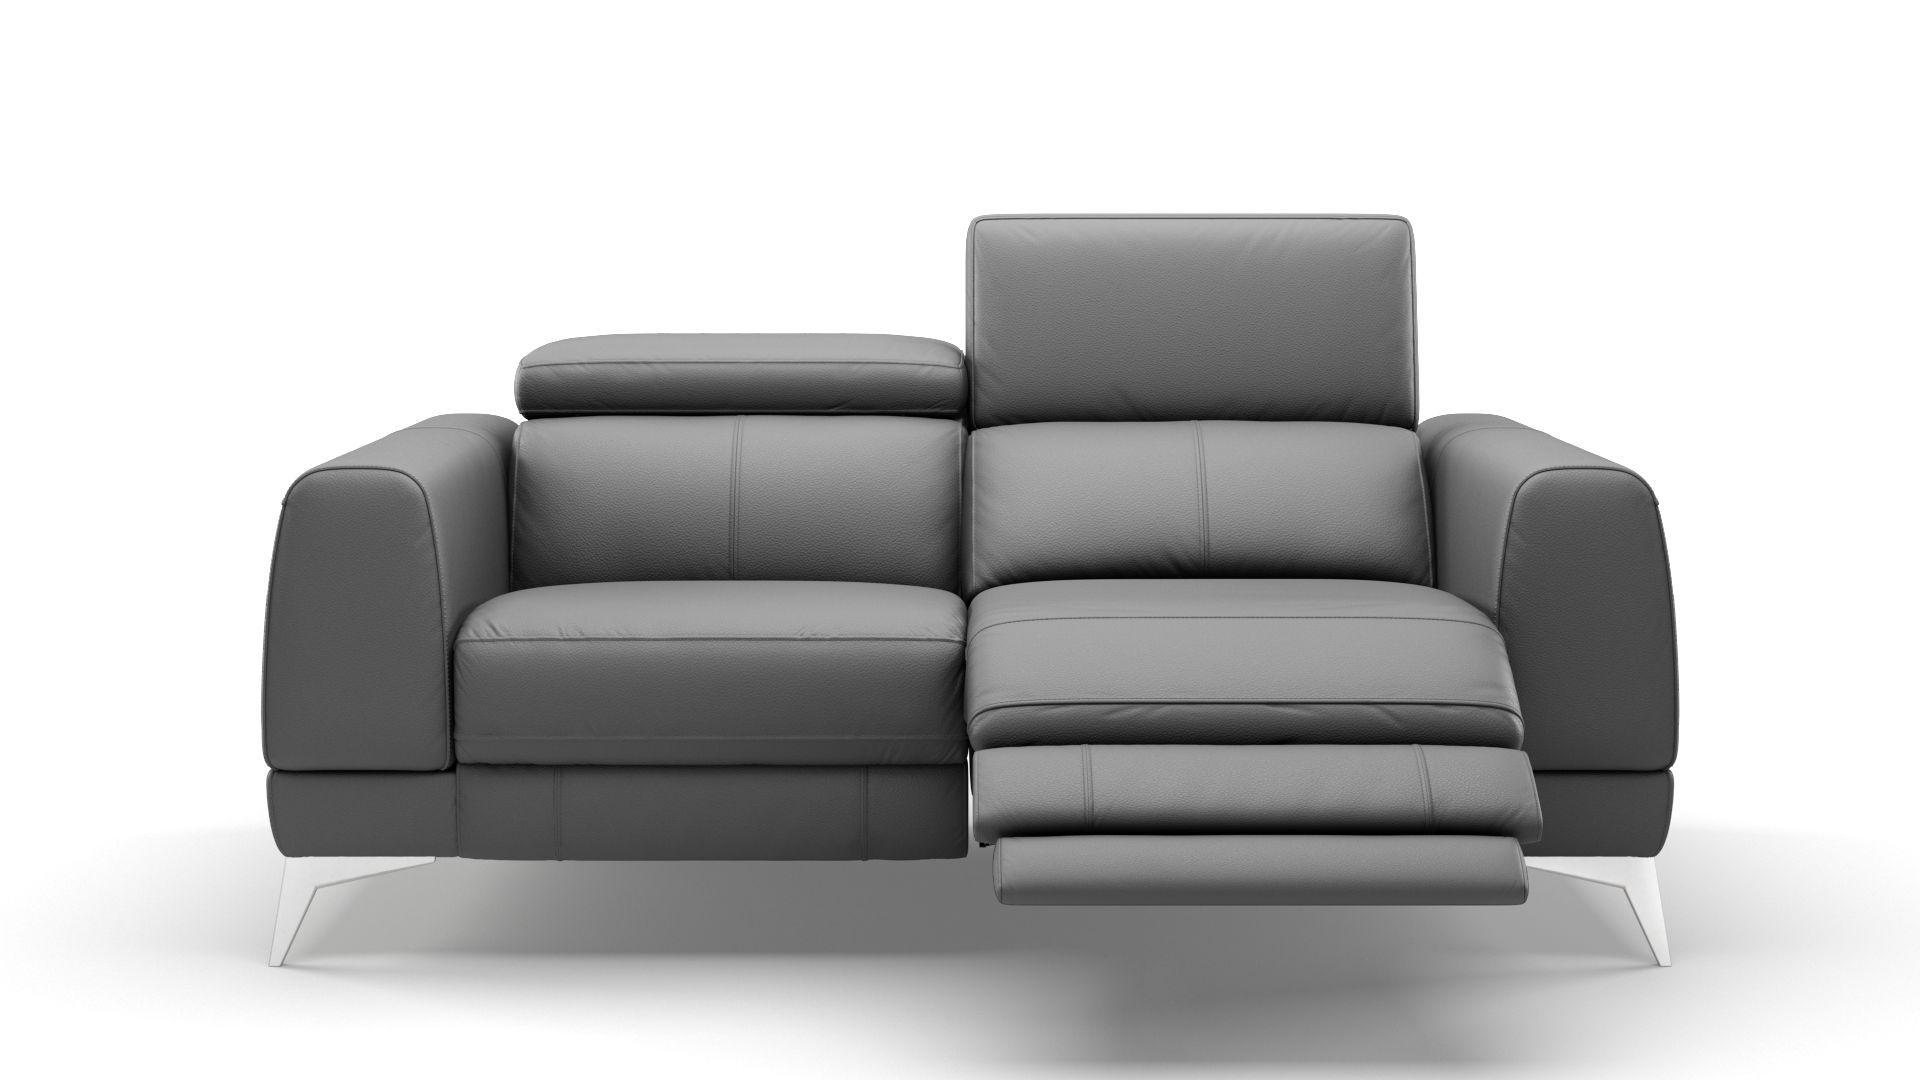 Full Size of 3 Sitzer Sofa Mit Relaxfunktion Ohne Lehne Englisches Baxter Groß Küche Elektrogeräten Günstig Impressionen Bett Rutsche Kleines Regal Schubladen München Sofa 3 Sitzer Sofa Mit Relaxfunktion